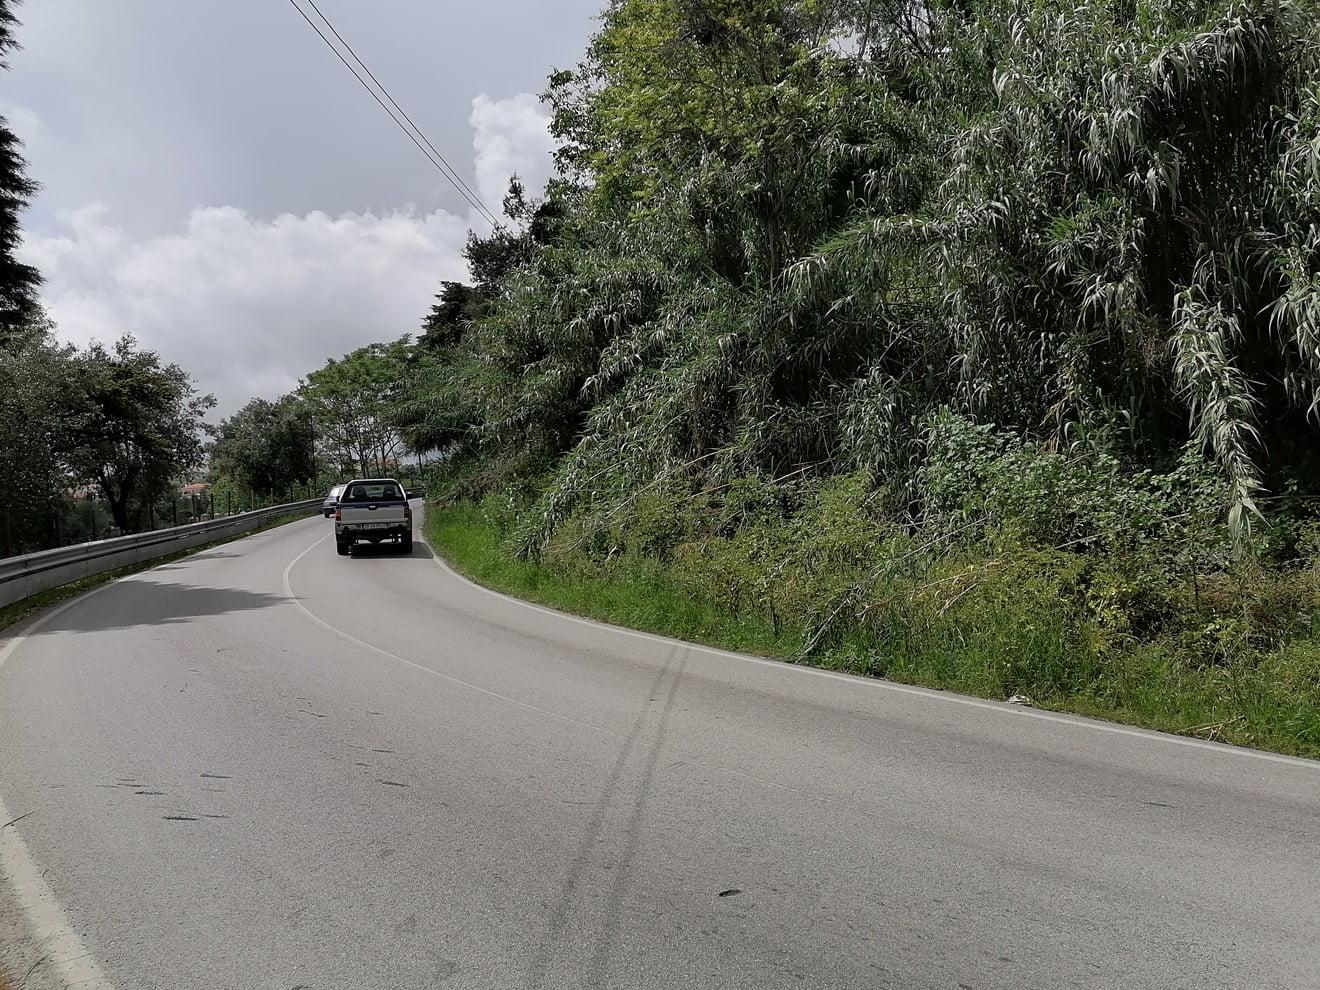 estrada algarvias IMG 20210428 133142